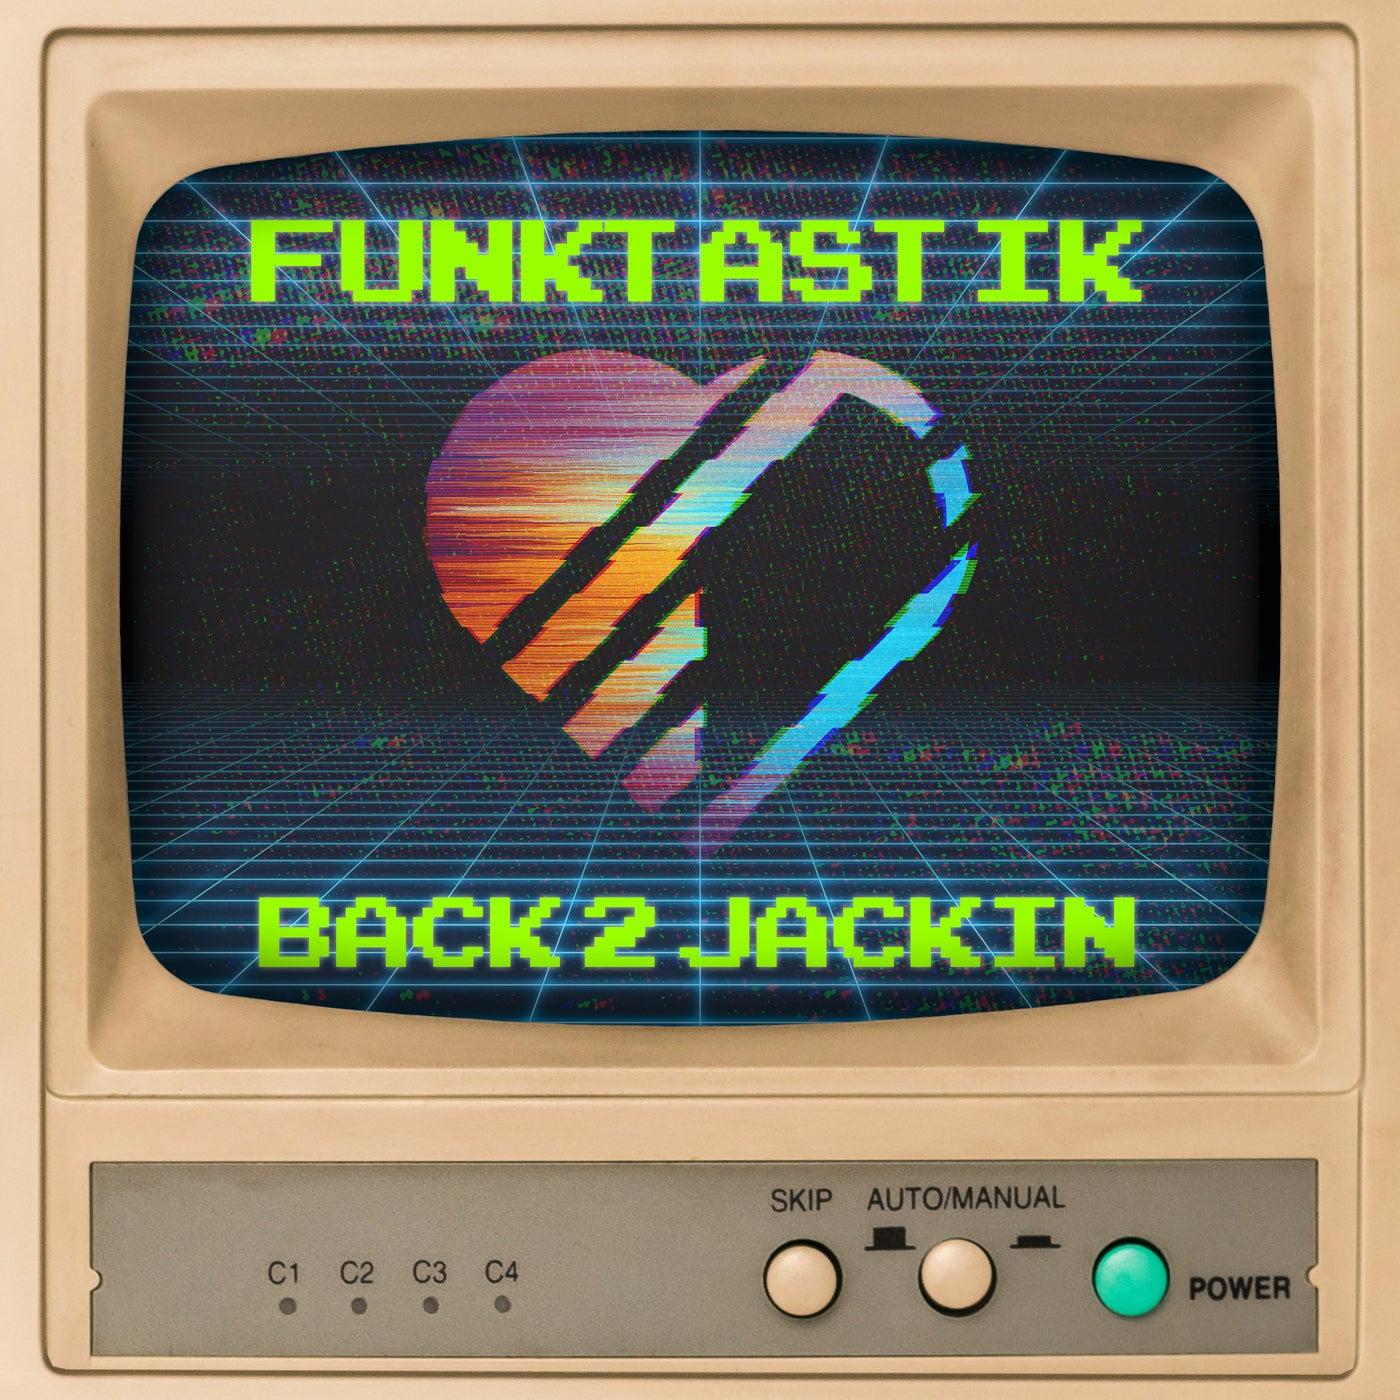 Back 2 Jackin (Original Mix)